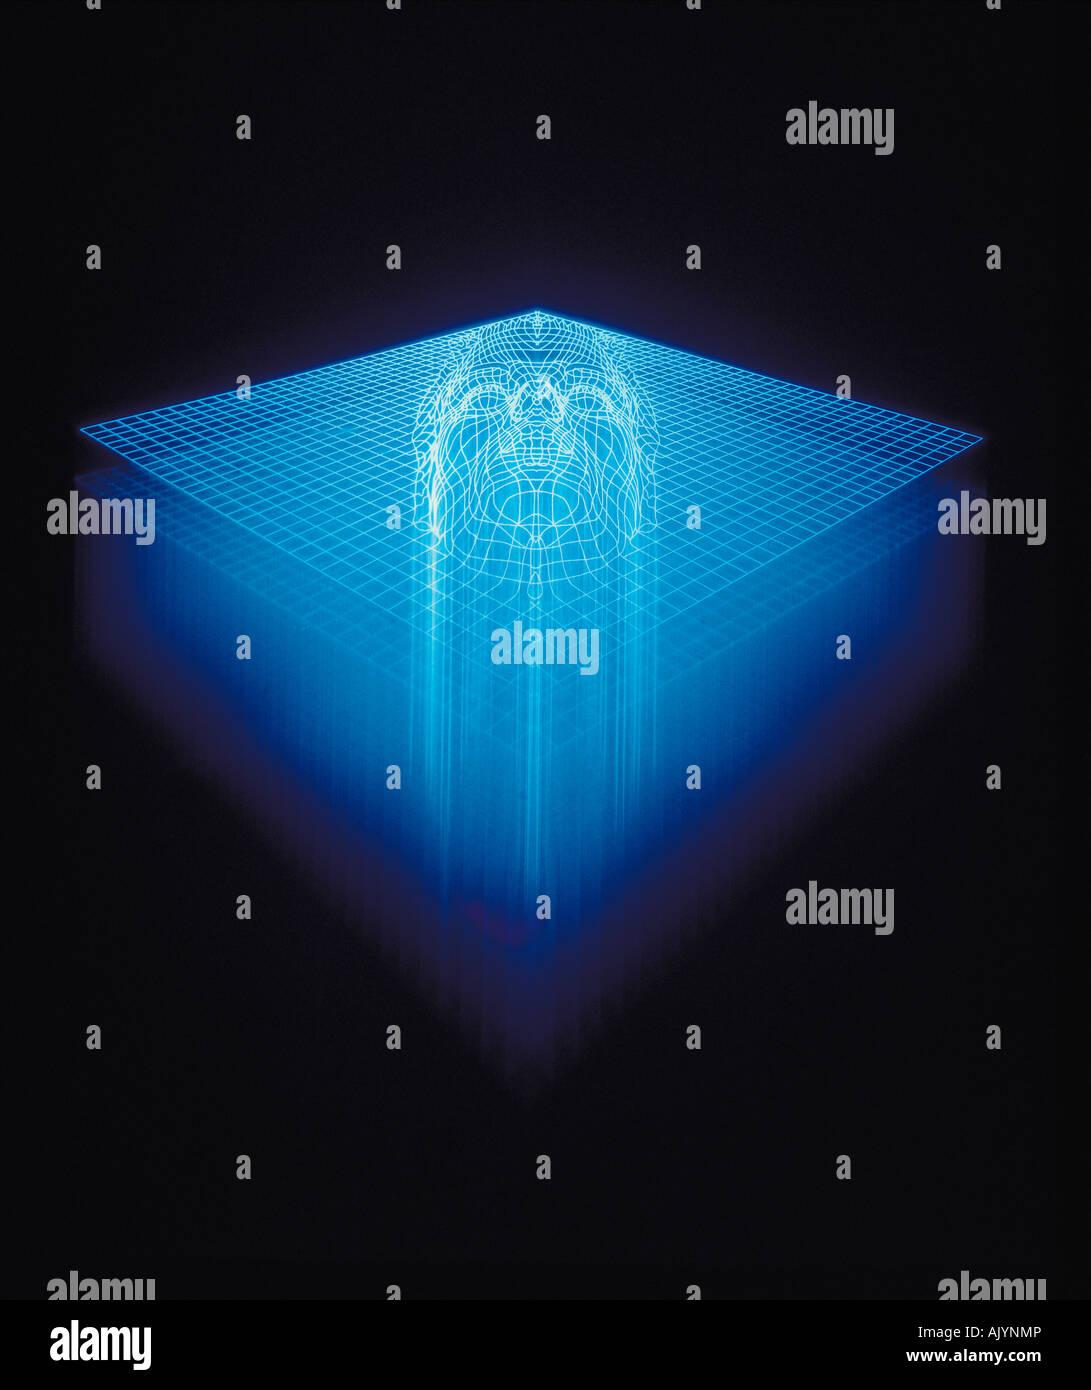 Grafik, Illustration, Concept, Gesicht in blau Gitter-Muster, Stockbild